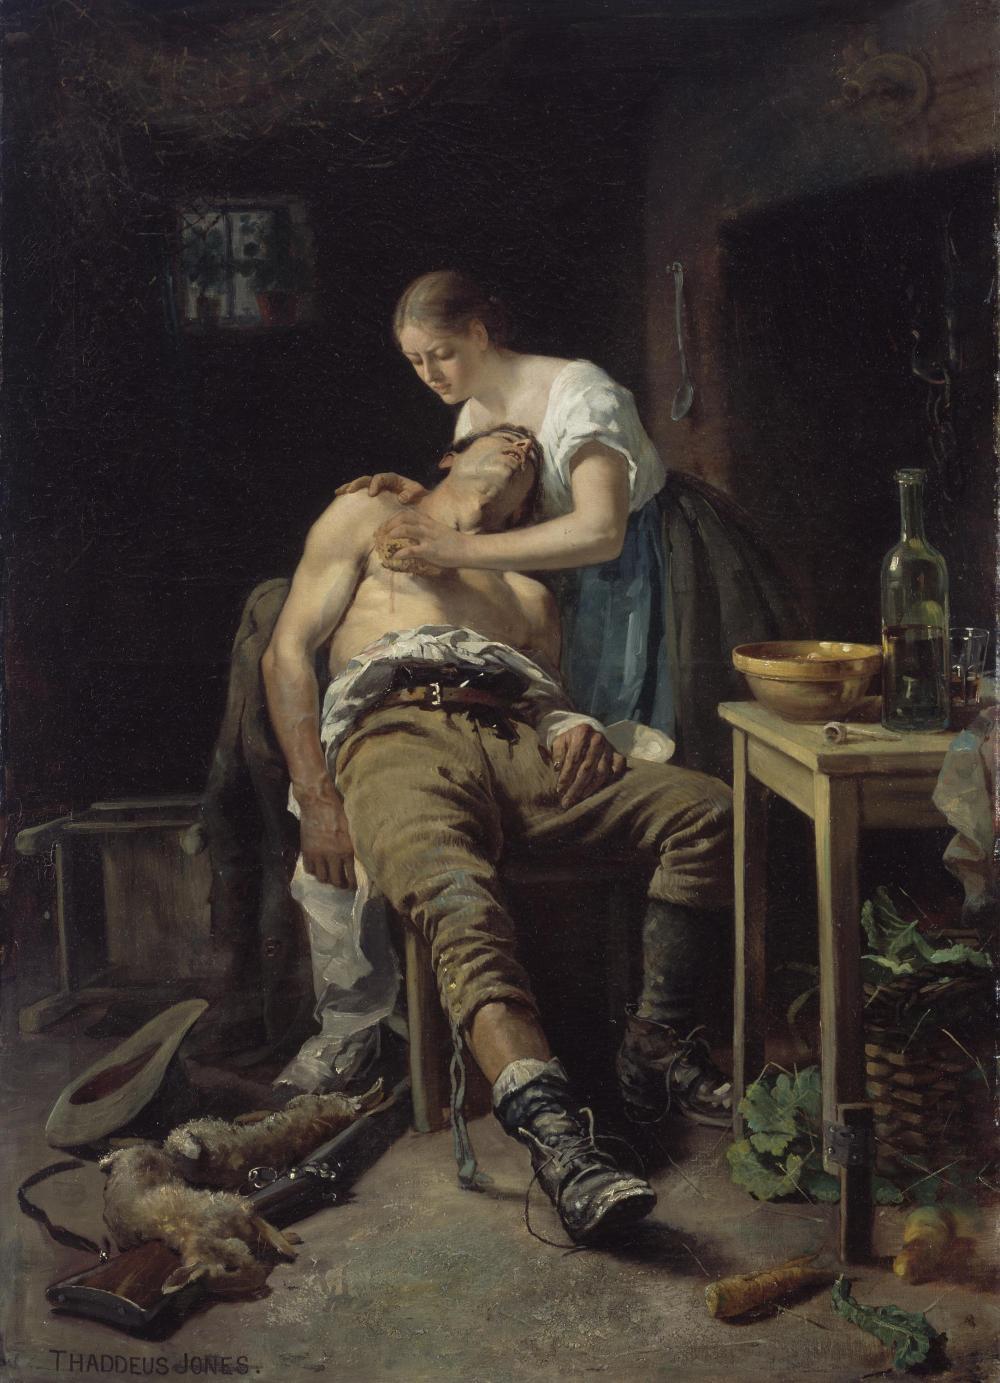 Wounded_Poacher_Henry_Jones_Thaddeus.jpg